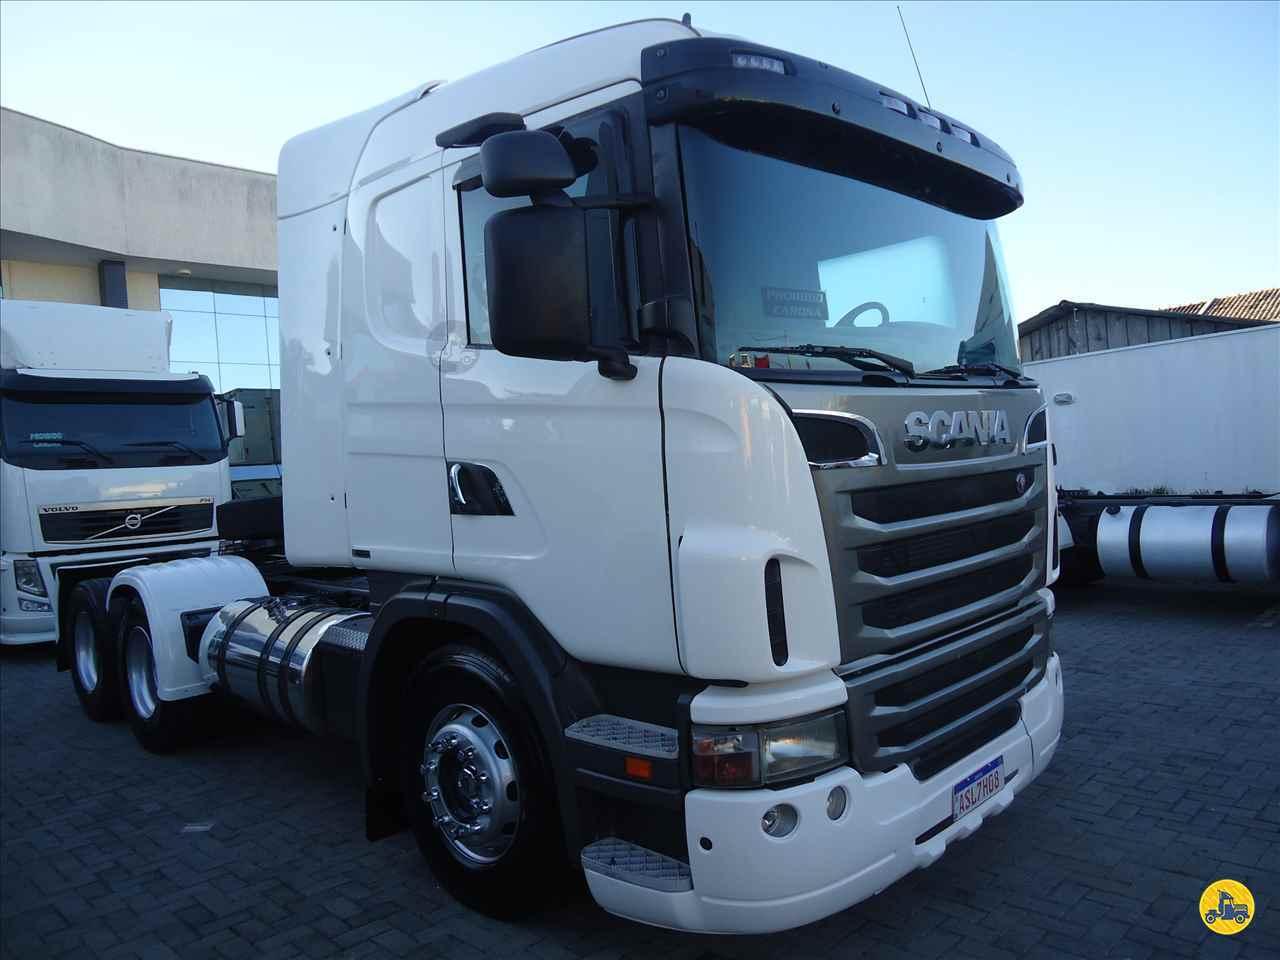 CAMINHAO SCANIA SCANIA 124 420 Cavalo Mecânico Truck 6x2 Ricardo Caminhões Curitiba CURITIBA PARANÁ PR